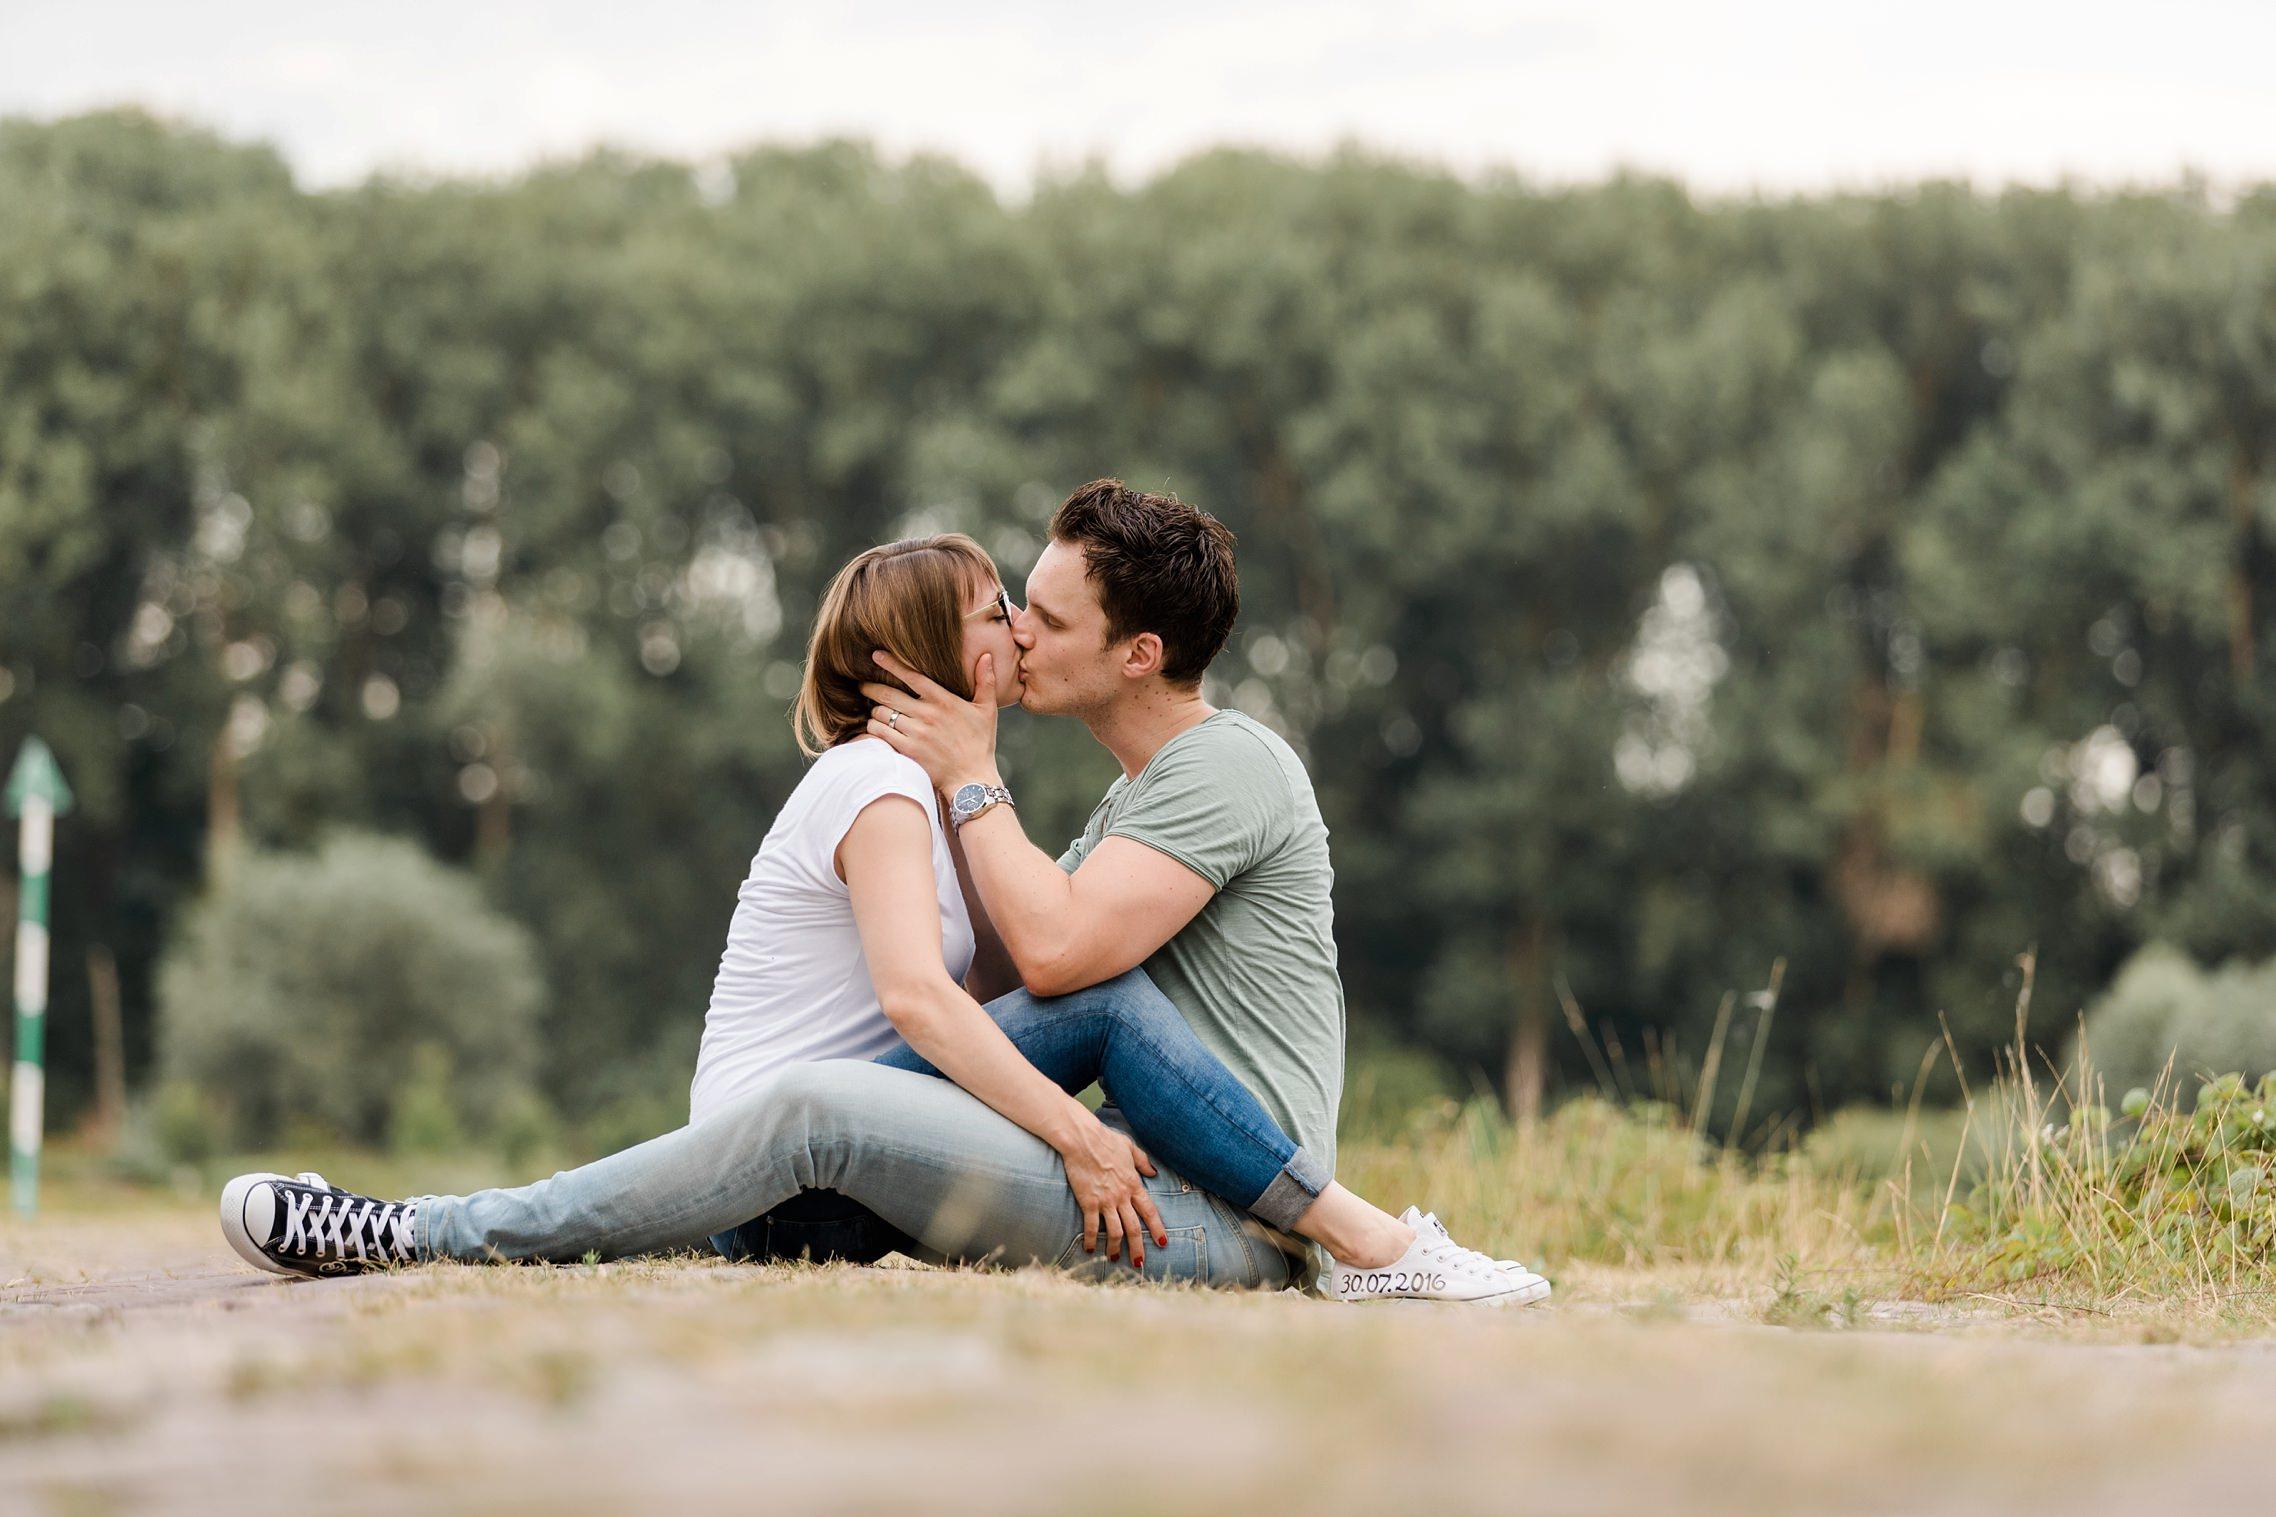 Romantische Pärchenfotos: Verliebtes Paar sitzt auf dem Boden und küsst sich innig